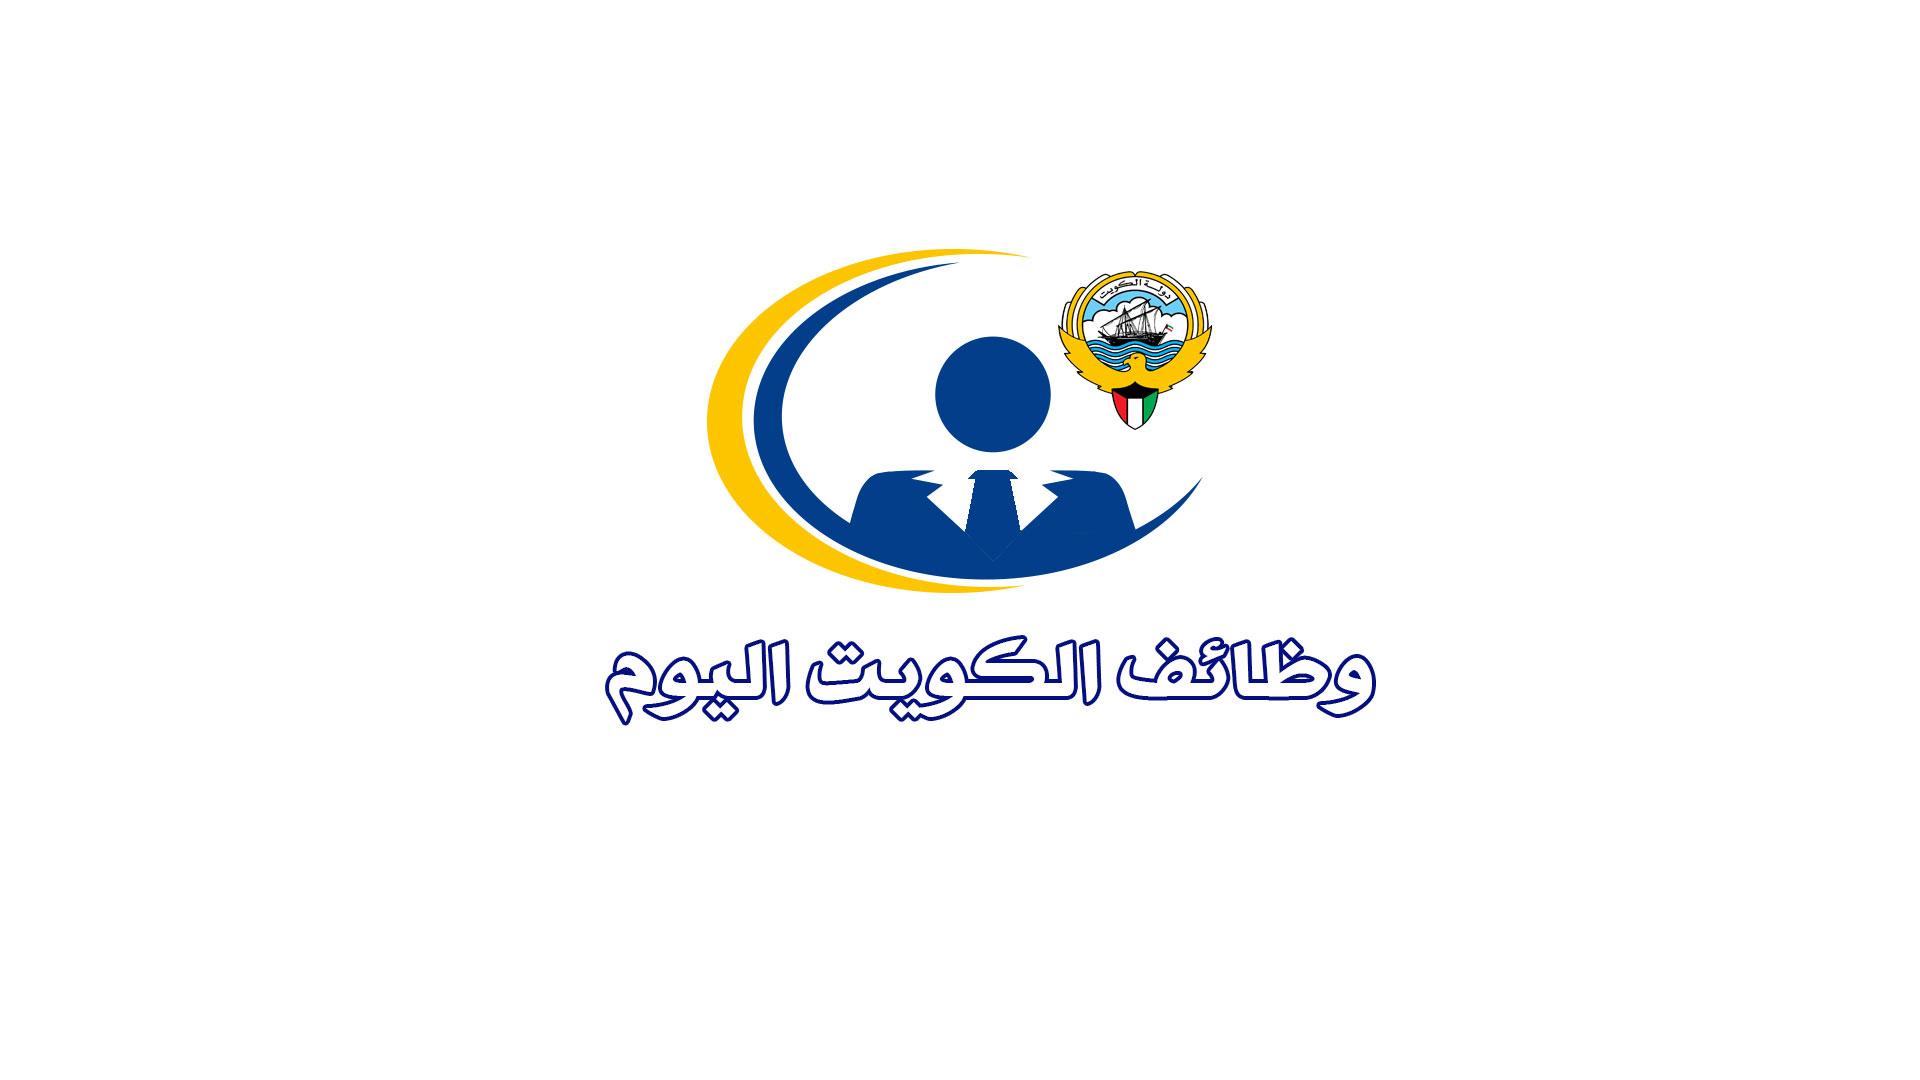 نشرة التوظيف لدولة الكويت ليوم الأربعاء 22-10-2020  جميع الوظائف المنشورة بالصحف .